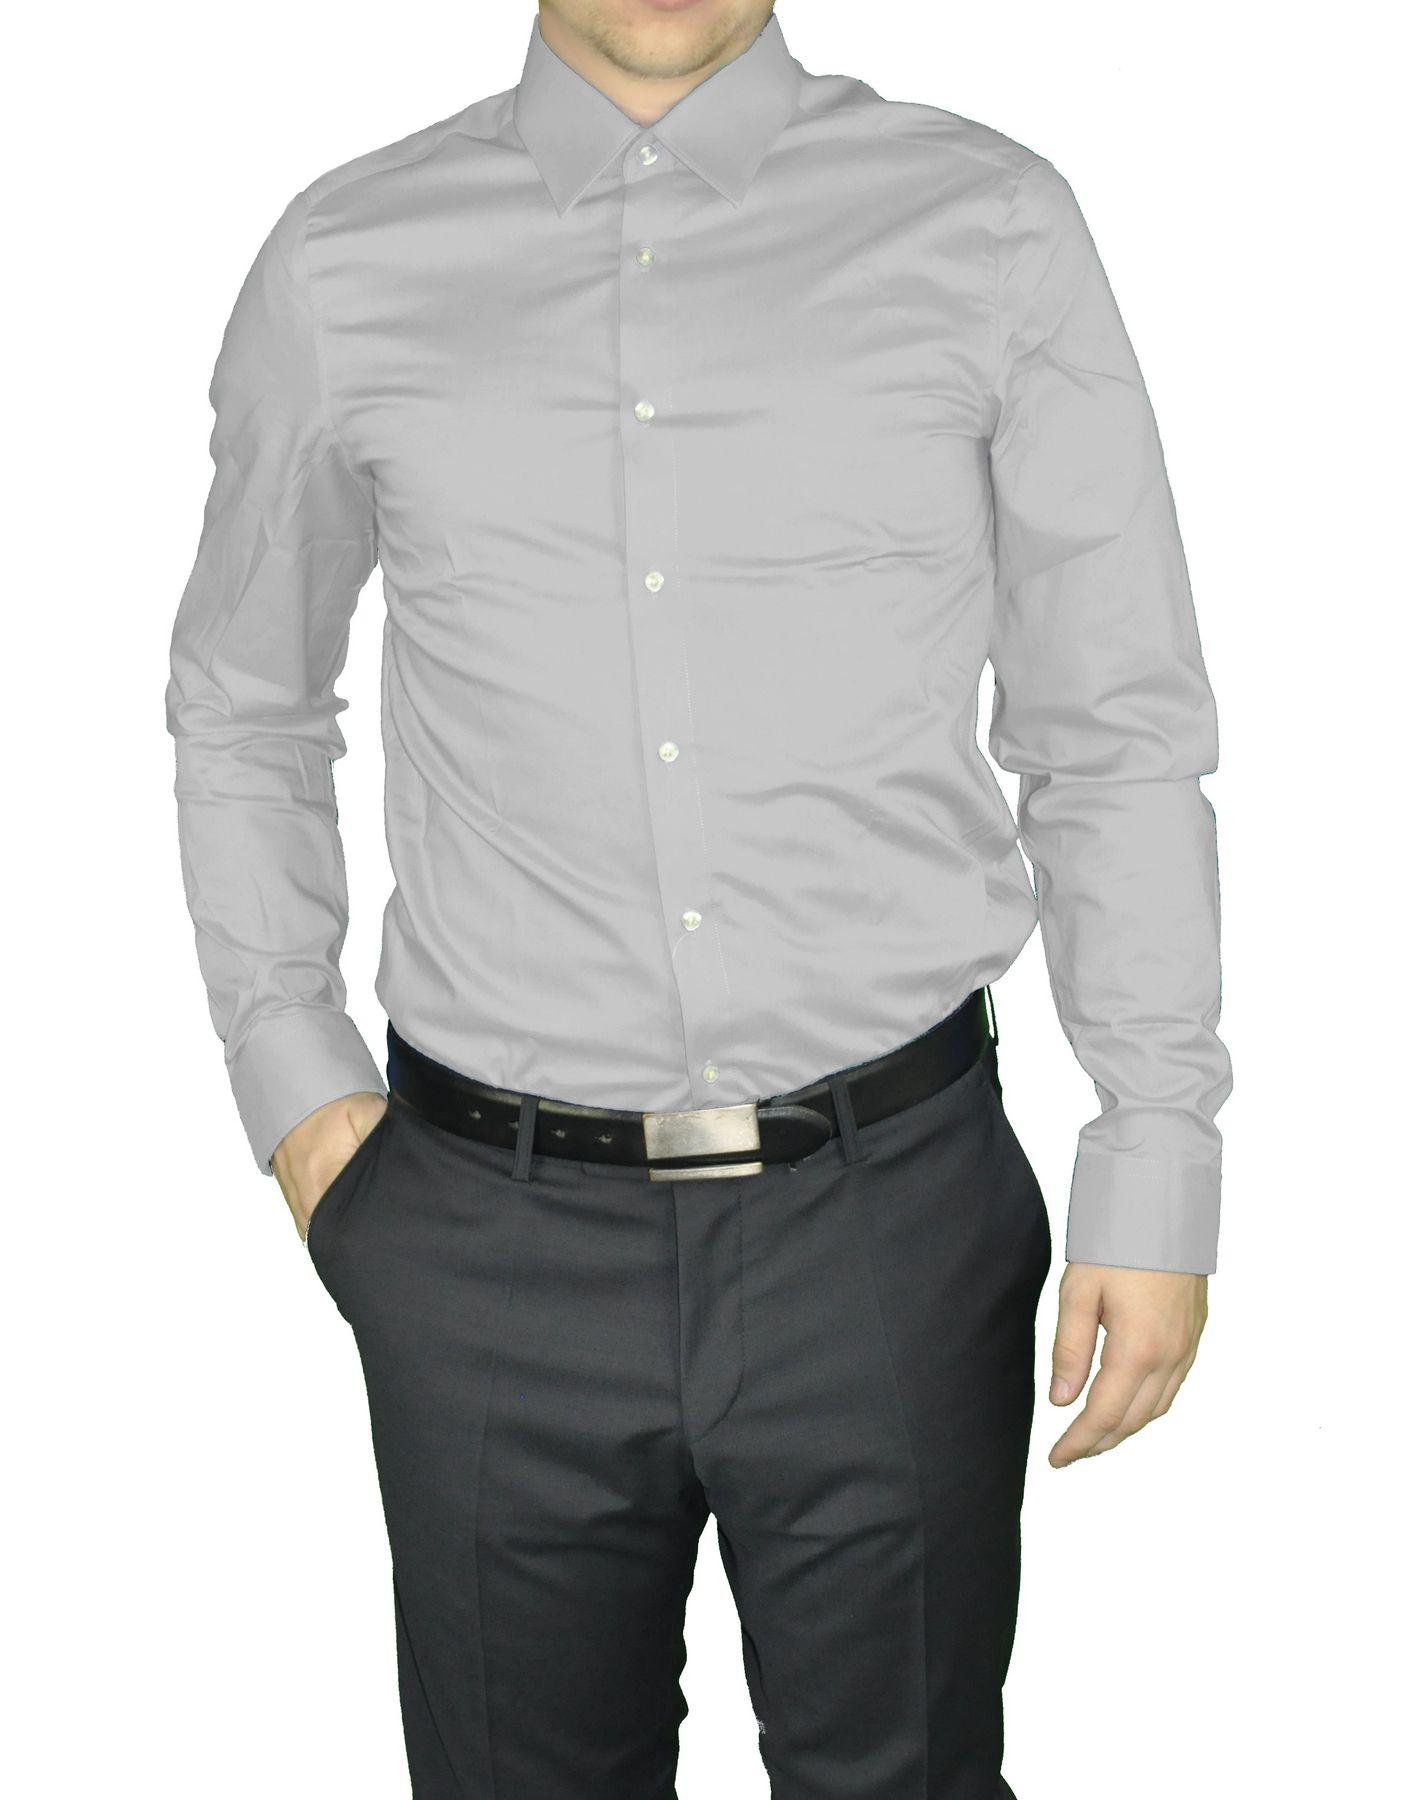 Redmond - Slim Fit - Herren Langarm Hemd in verschiedenen Farbvarianten, Unifarben, Bügelleicht (400130A) – Bild 10